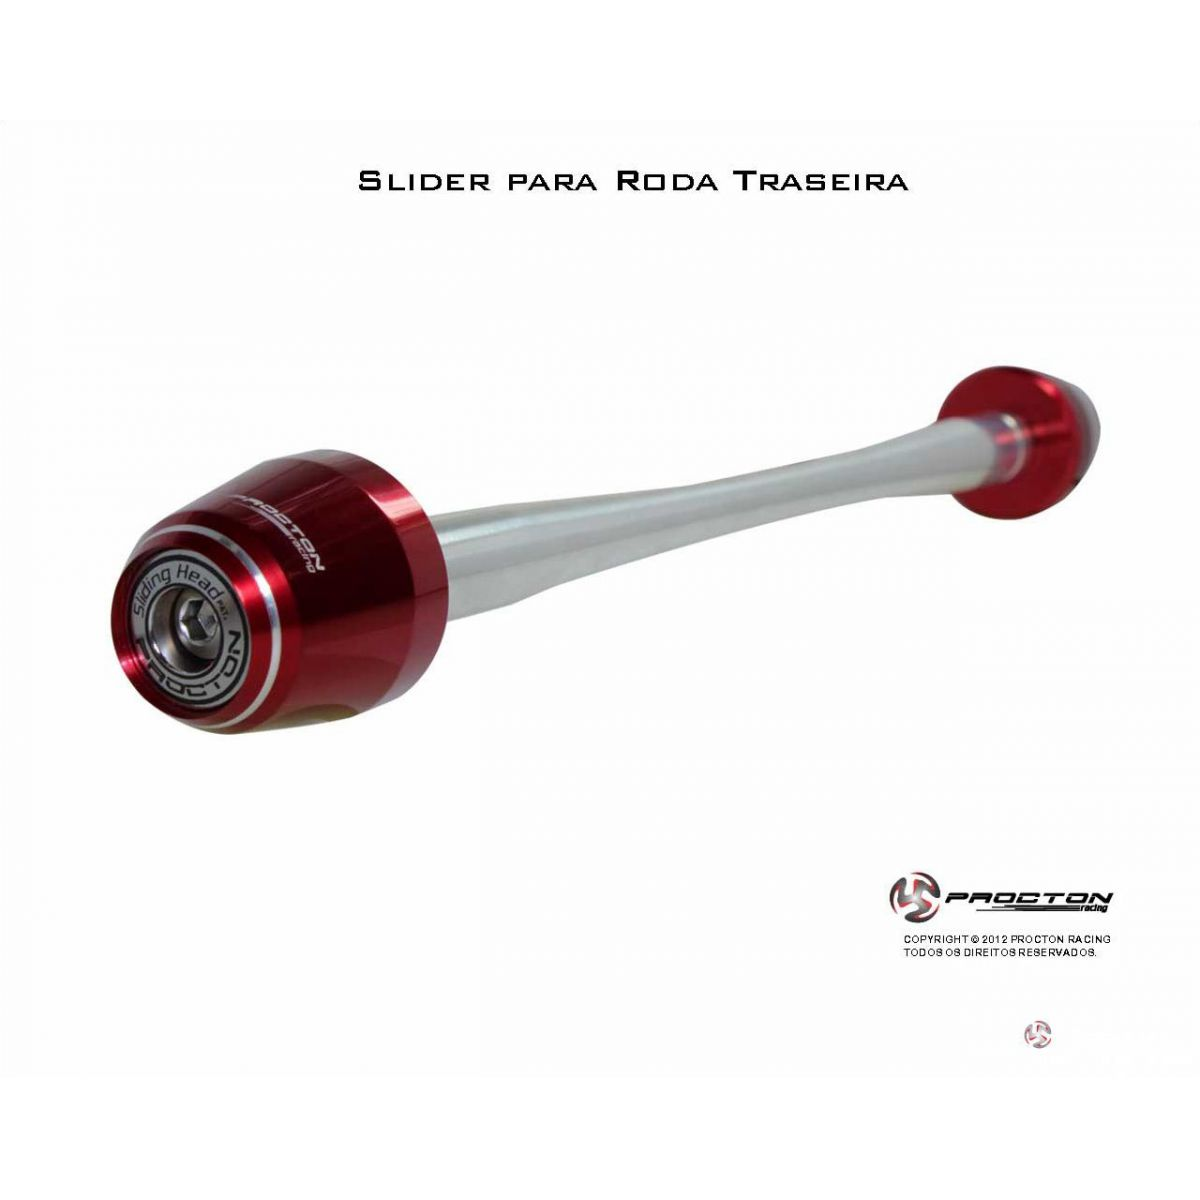 Slider Roda Traseiro CBR1000RR 08/16  - Nova Suzuki Motos e Acessórios